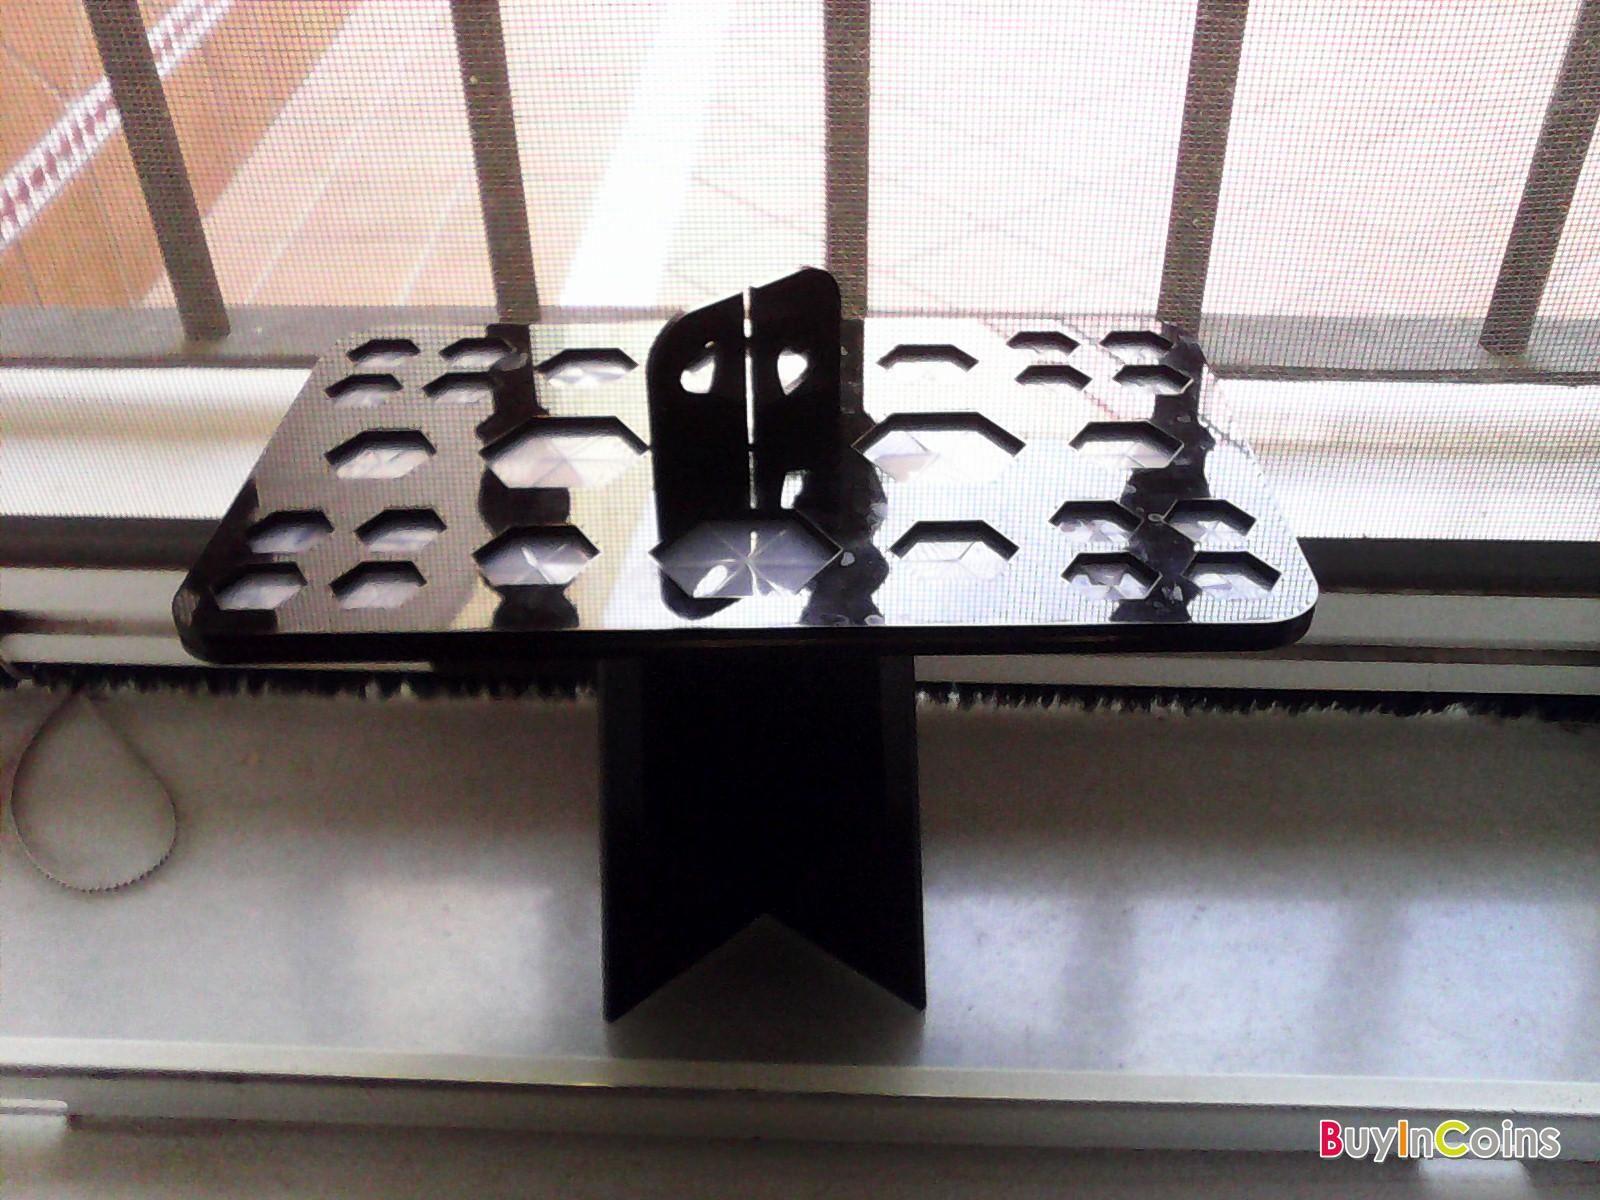 14 Holes 26 Holes 42 Holes Makeup Blush Eyeliner Eyeshadow Foundation Brushes Dryer Holder Tool Organizer -- BuyinCoins.com